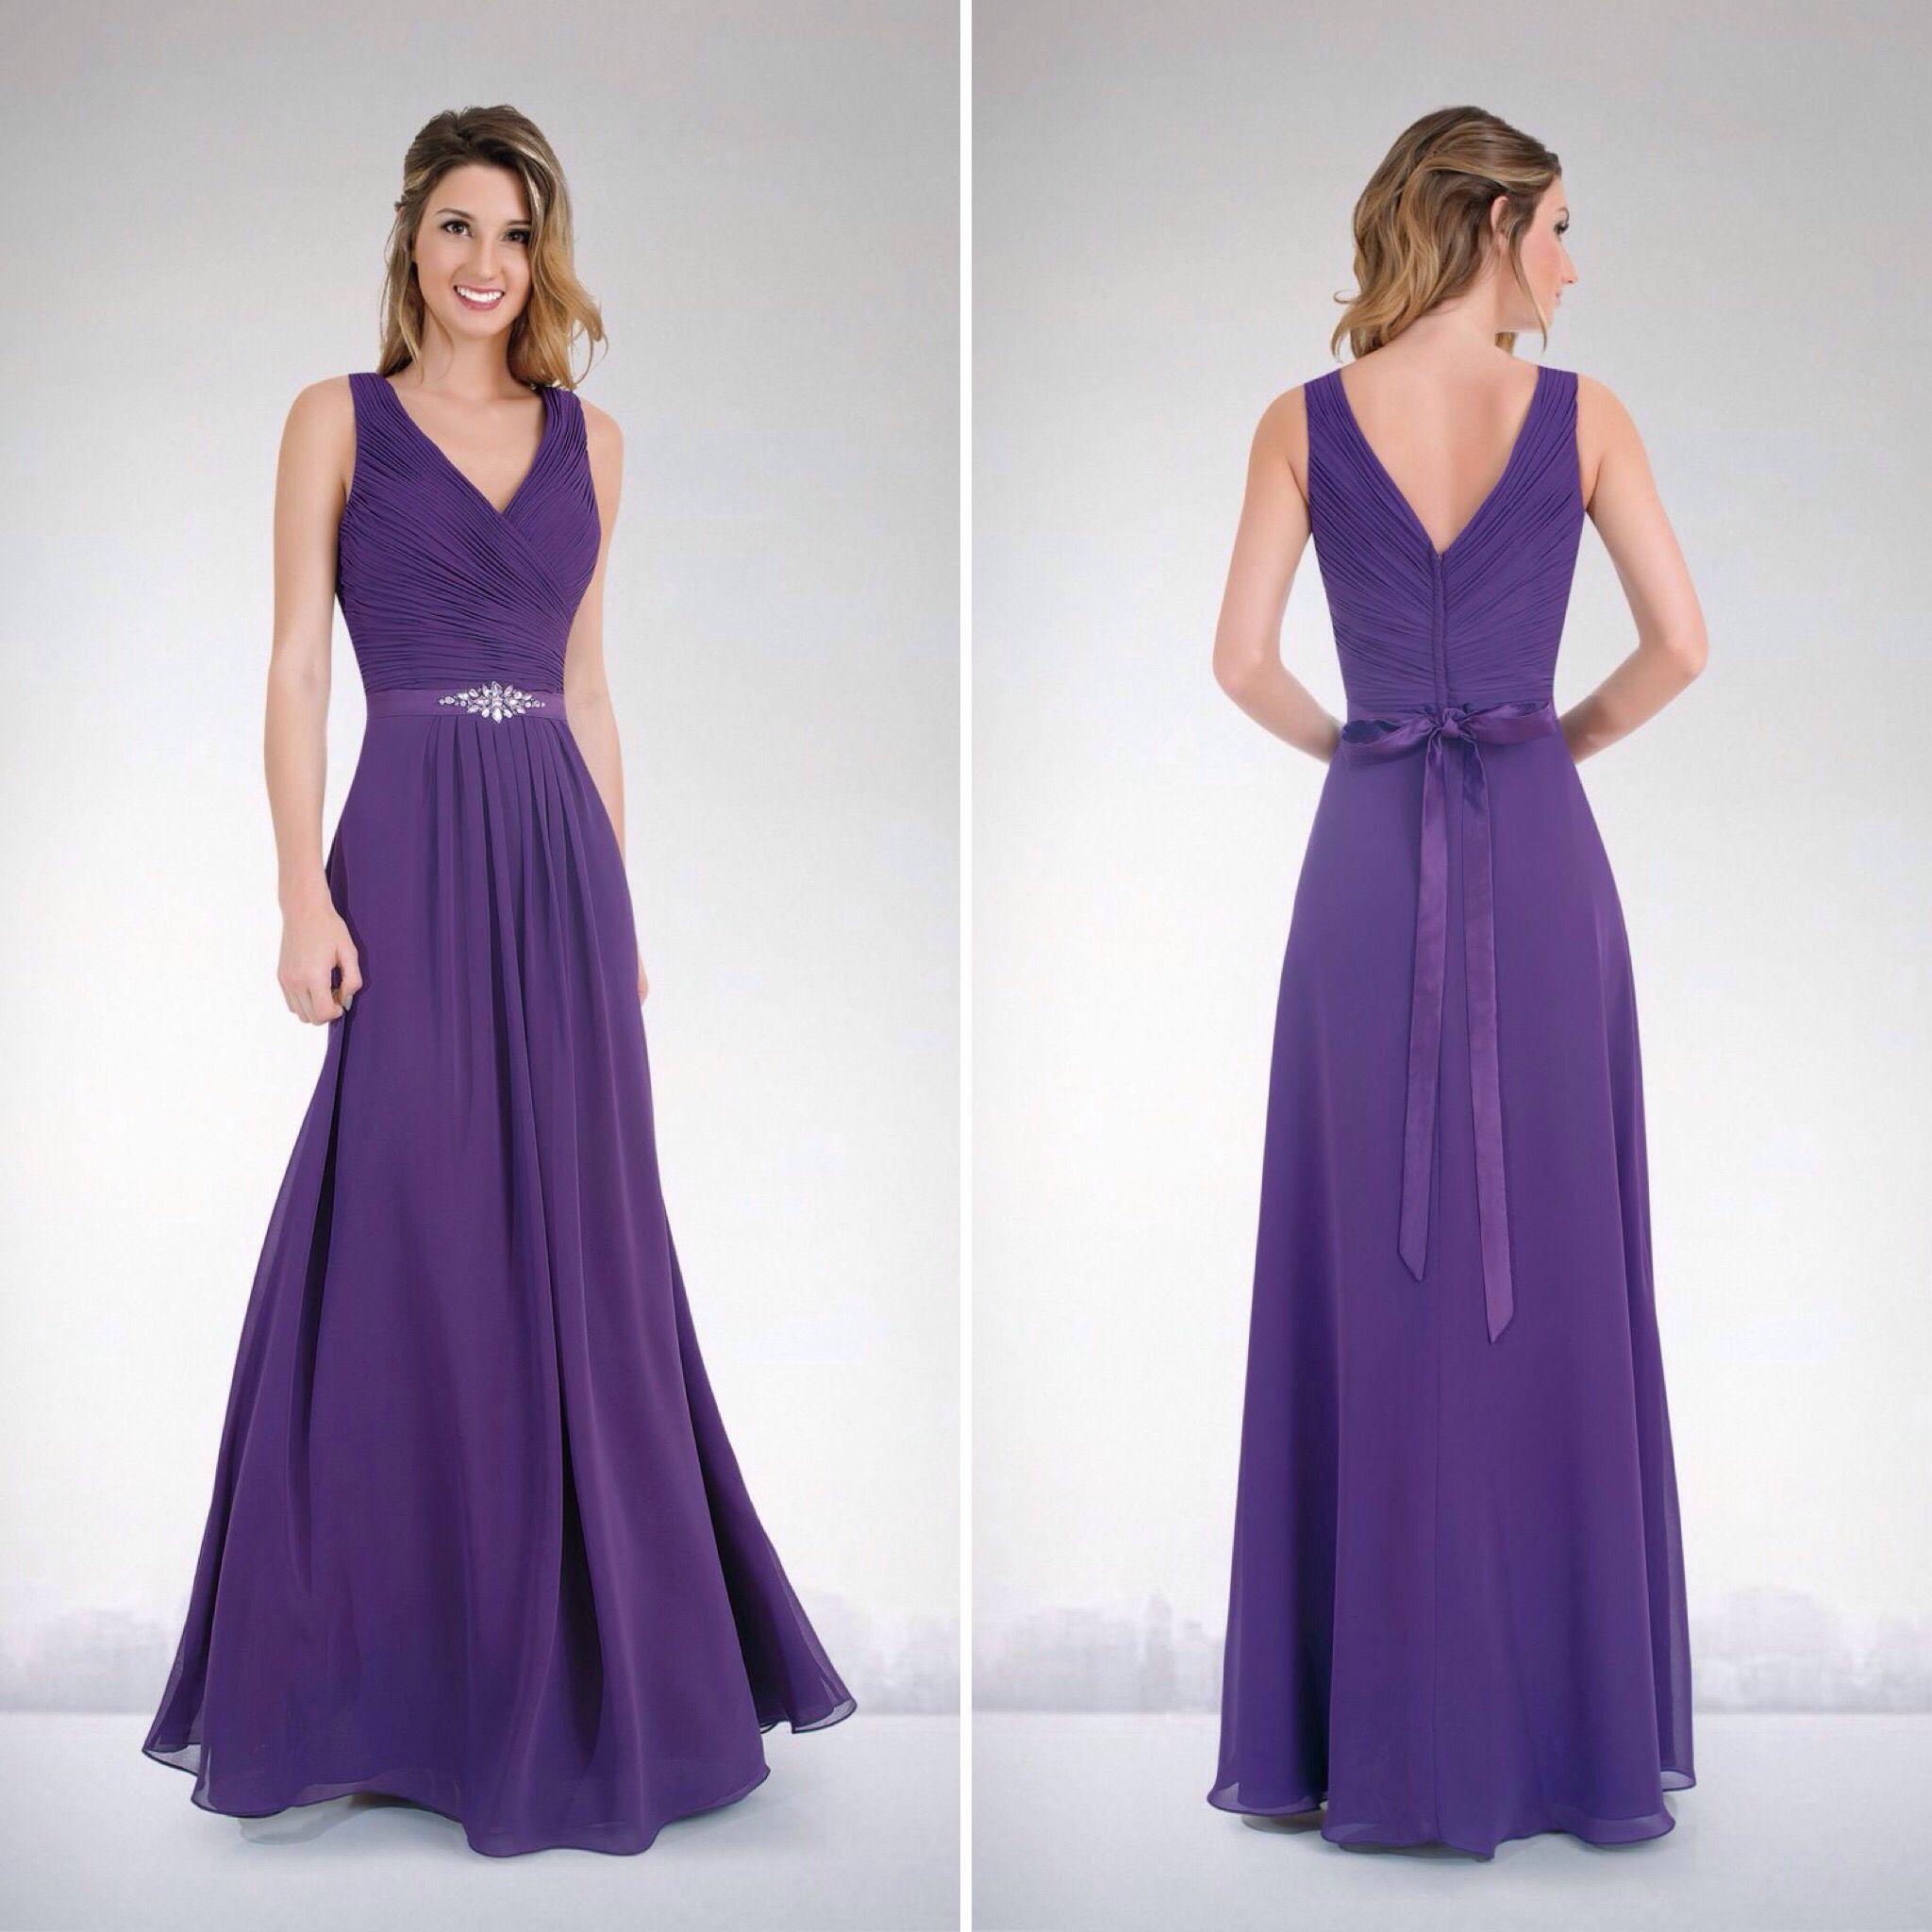 1755 | Kanali K Bridesmaids in 2020 | Bridesmaid dresses